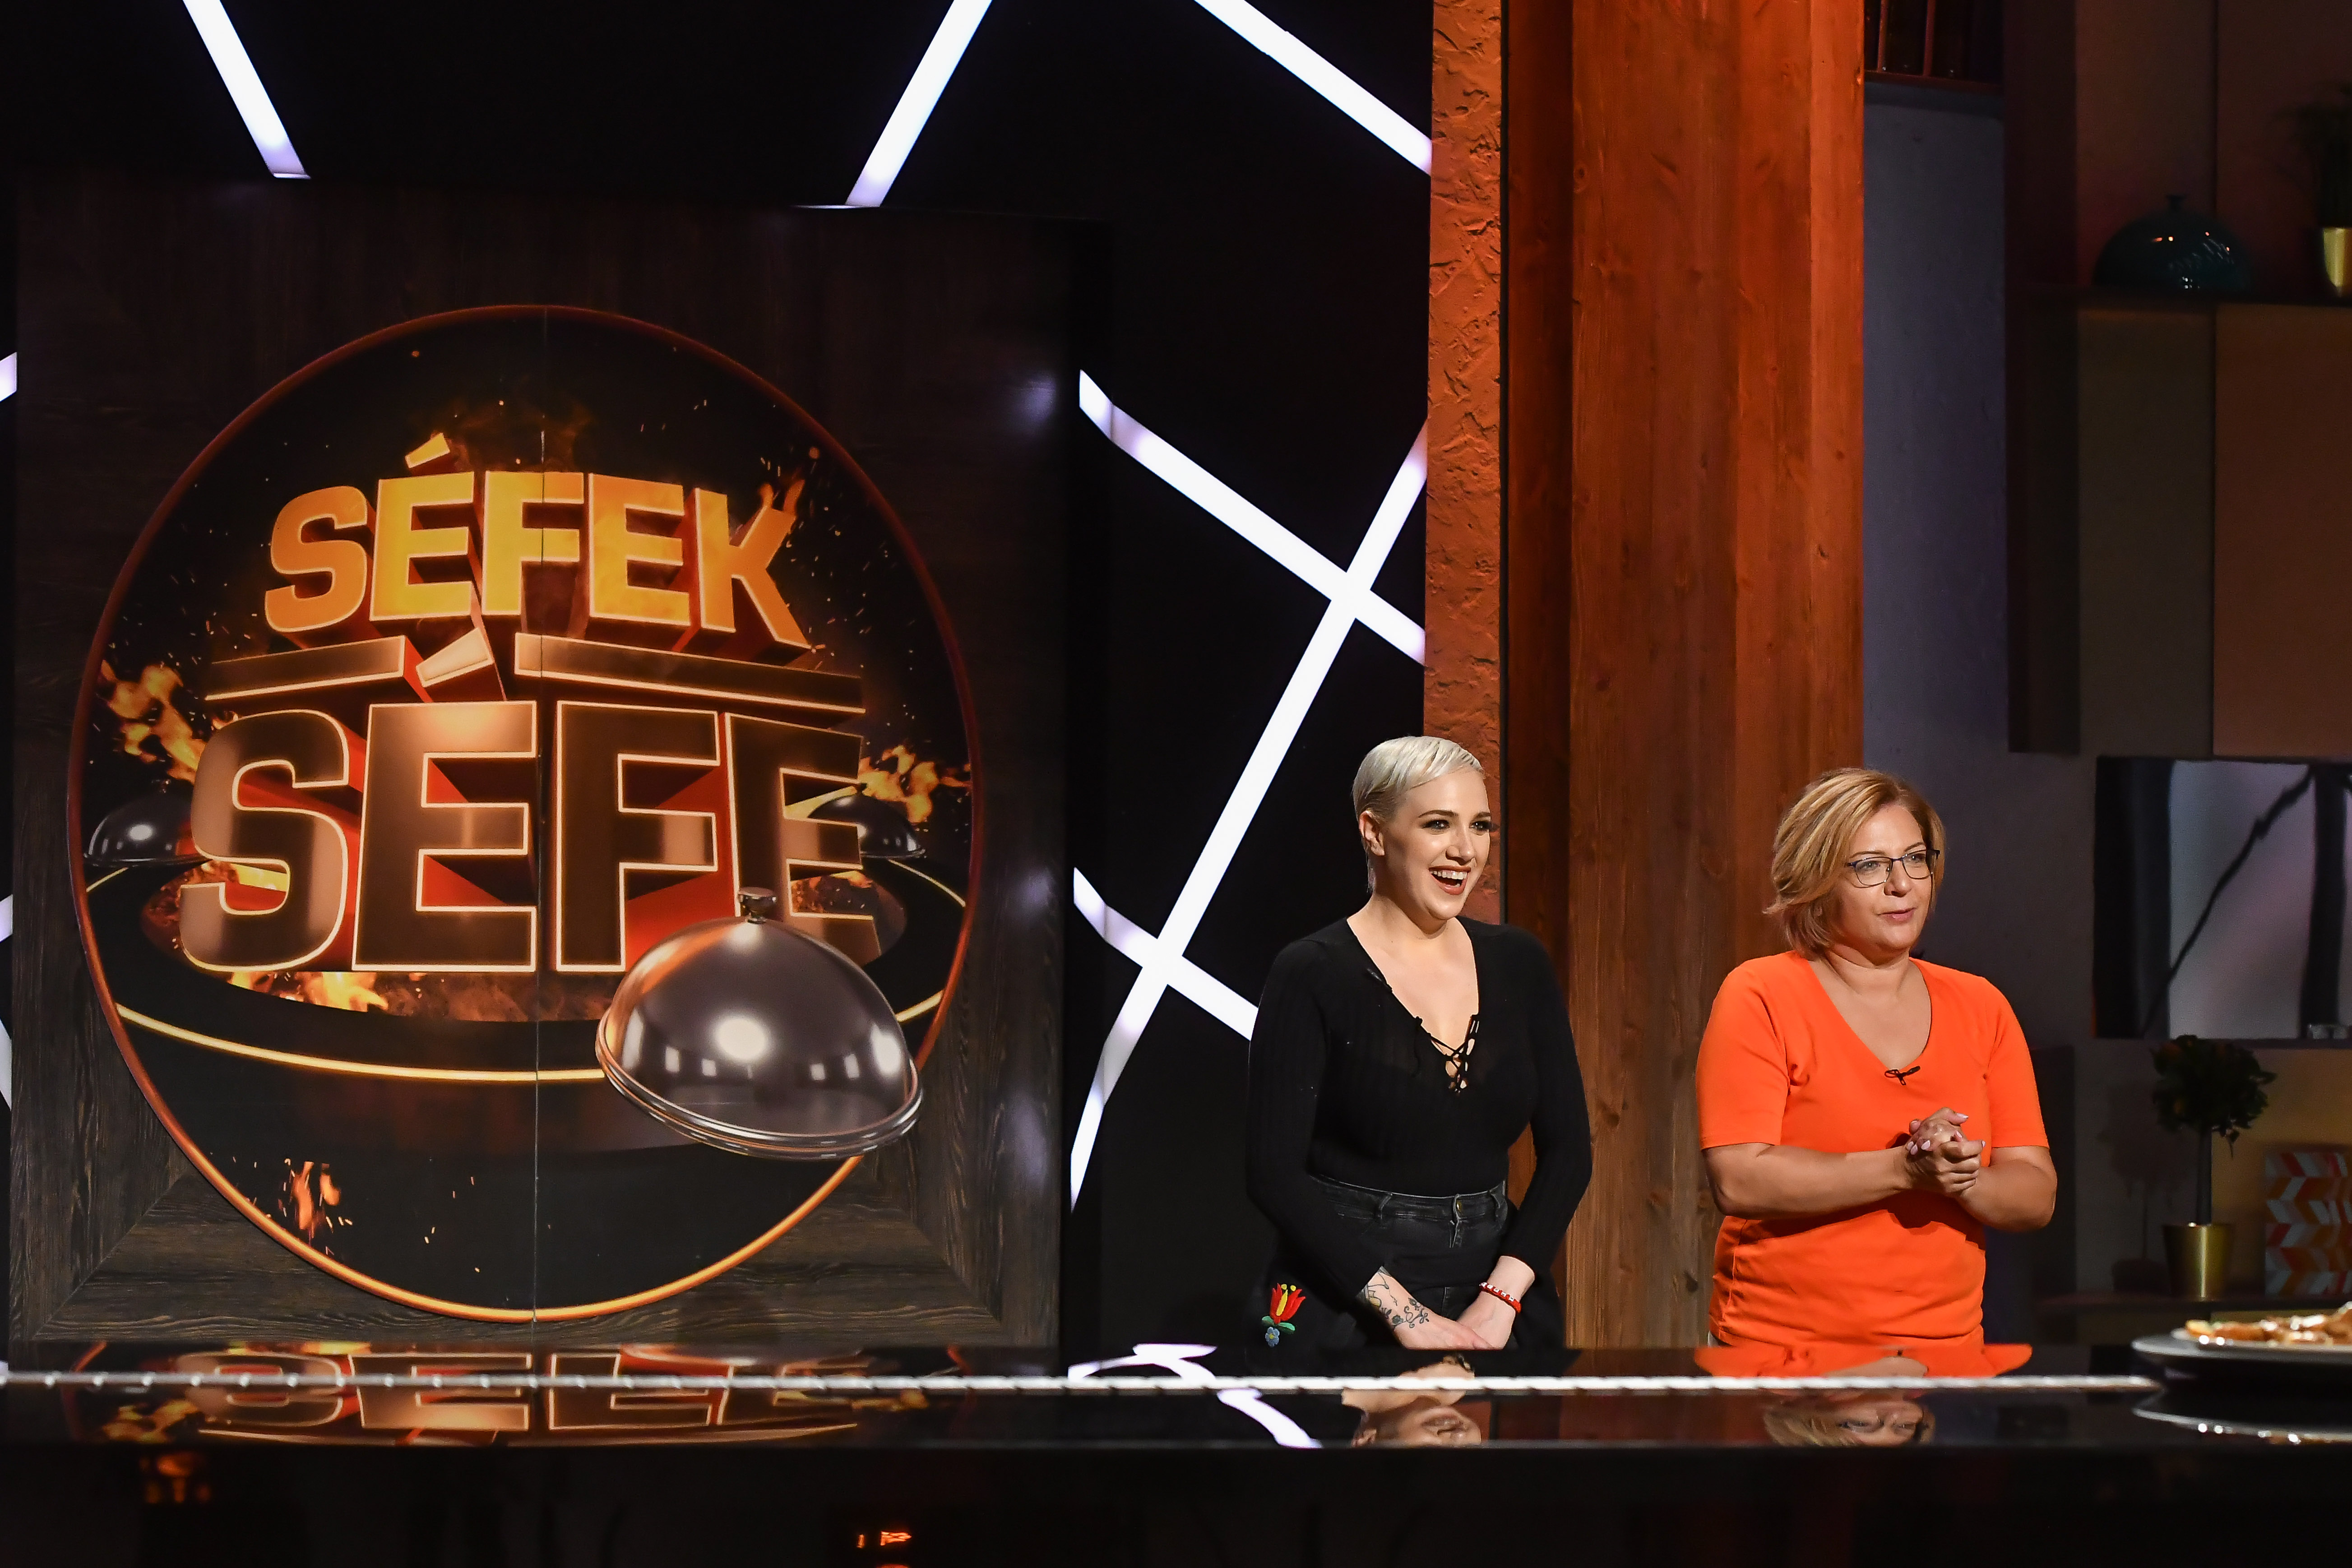 Tóth Gabi és Szaniszló Andrea egyetértettek: elképesztően stresszes volt a Séfek Séfe konyhában főzni-sütni